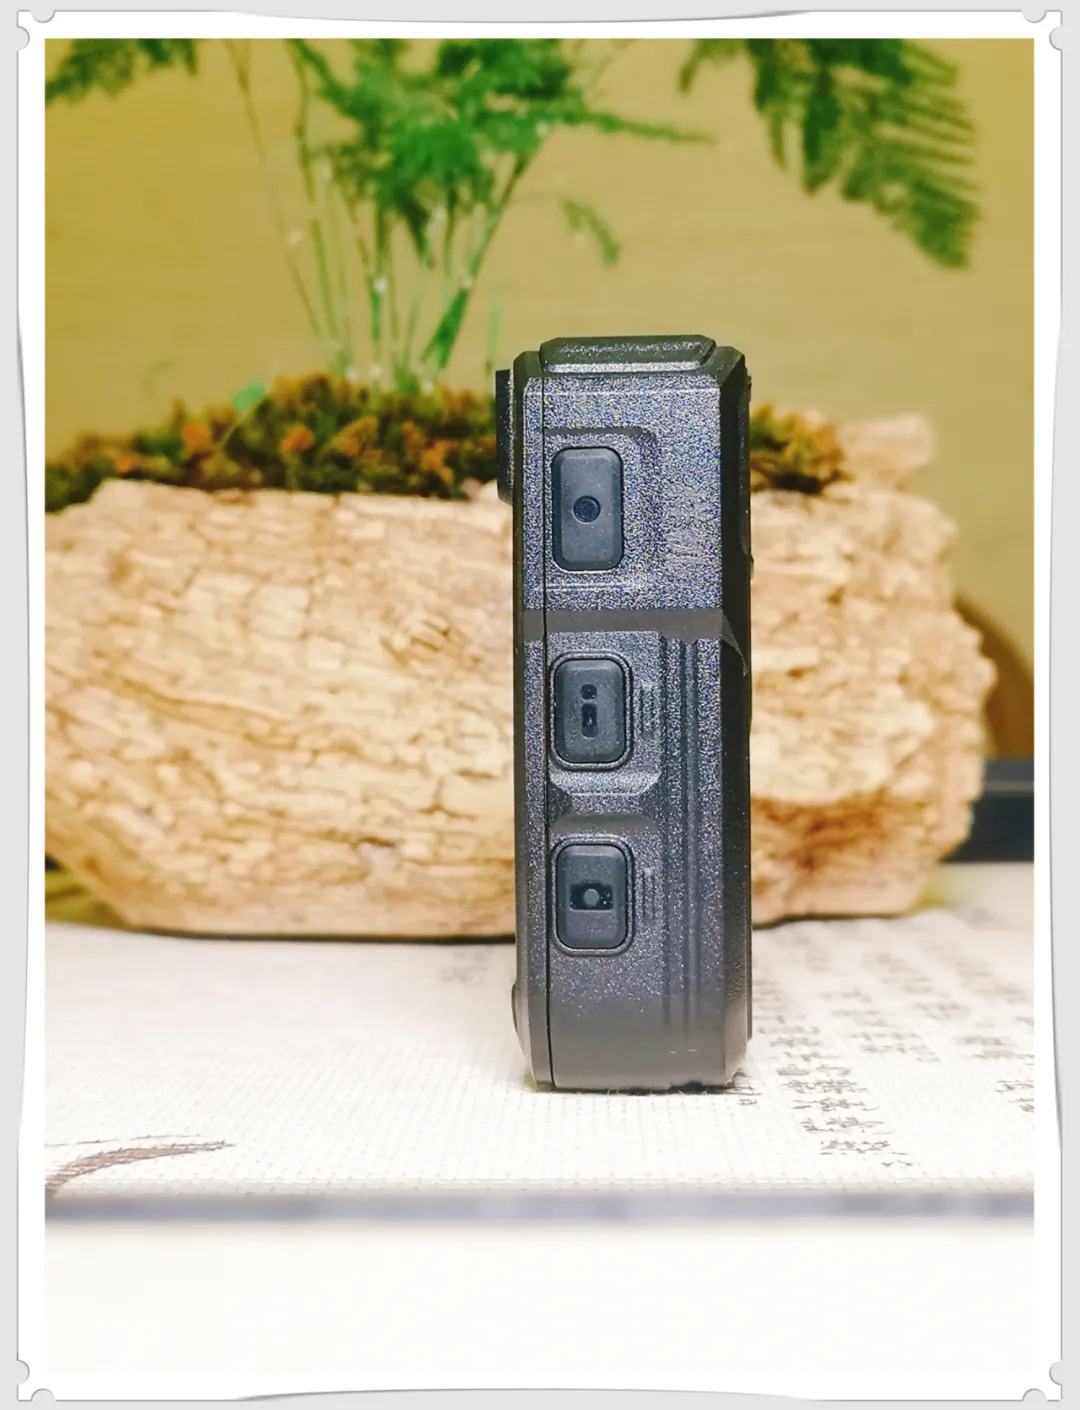 一款超强续航、超高性价比的视音频执法记录仪--鼎桥EC006开箱